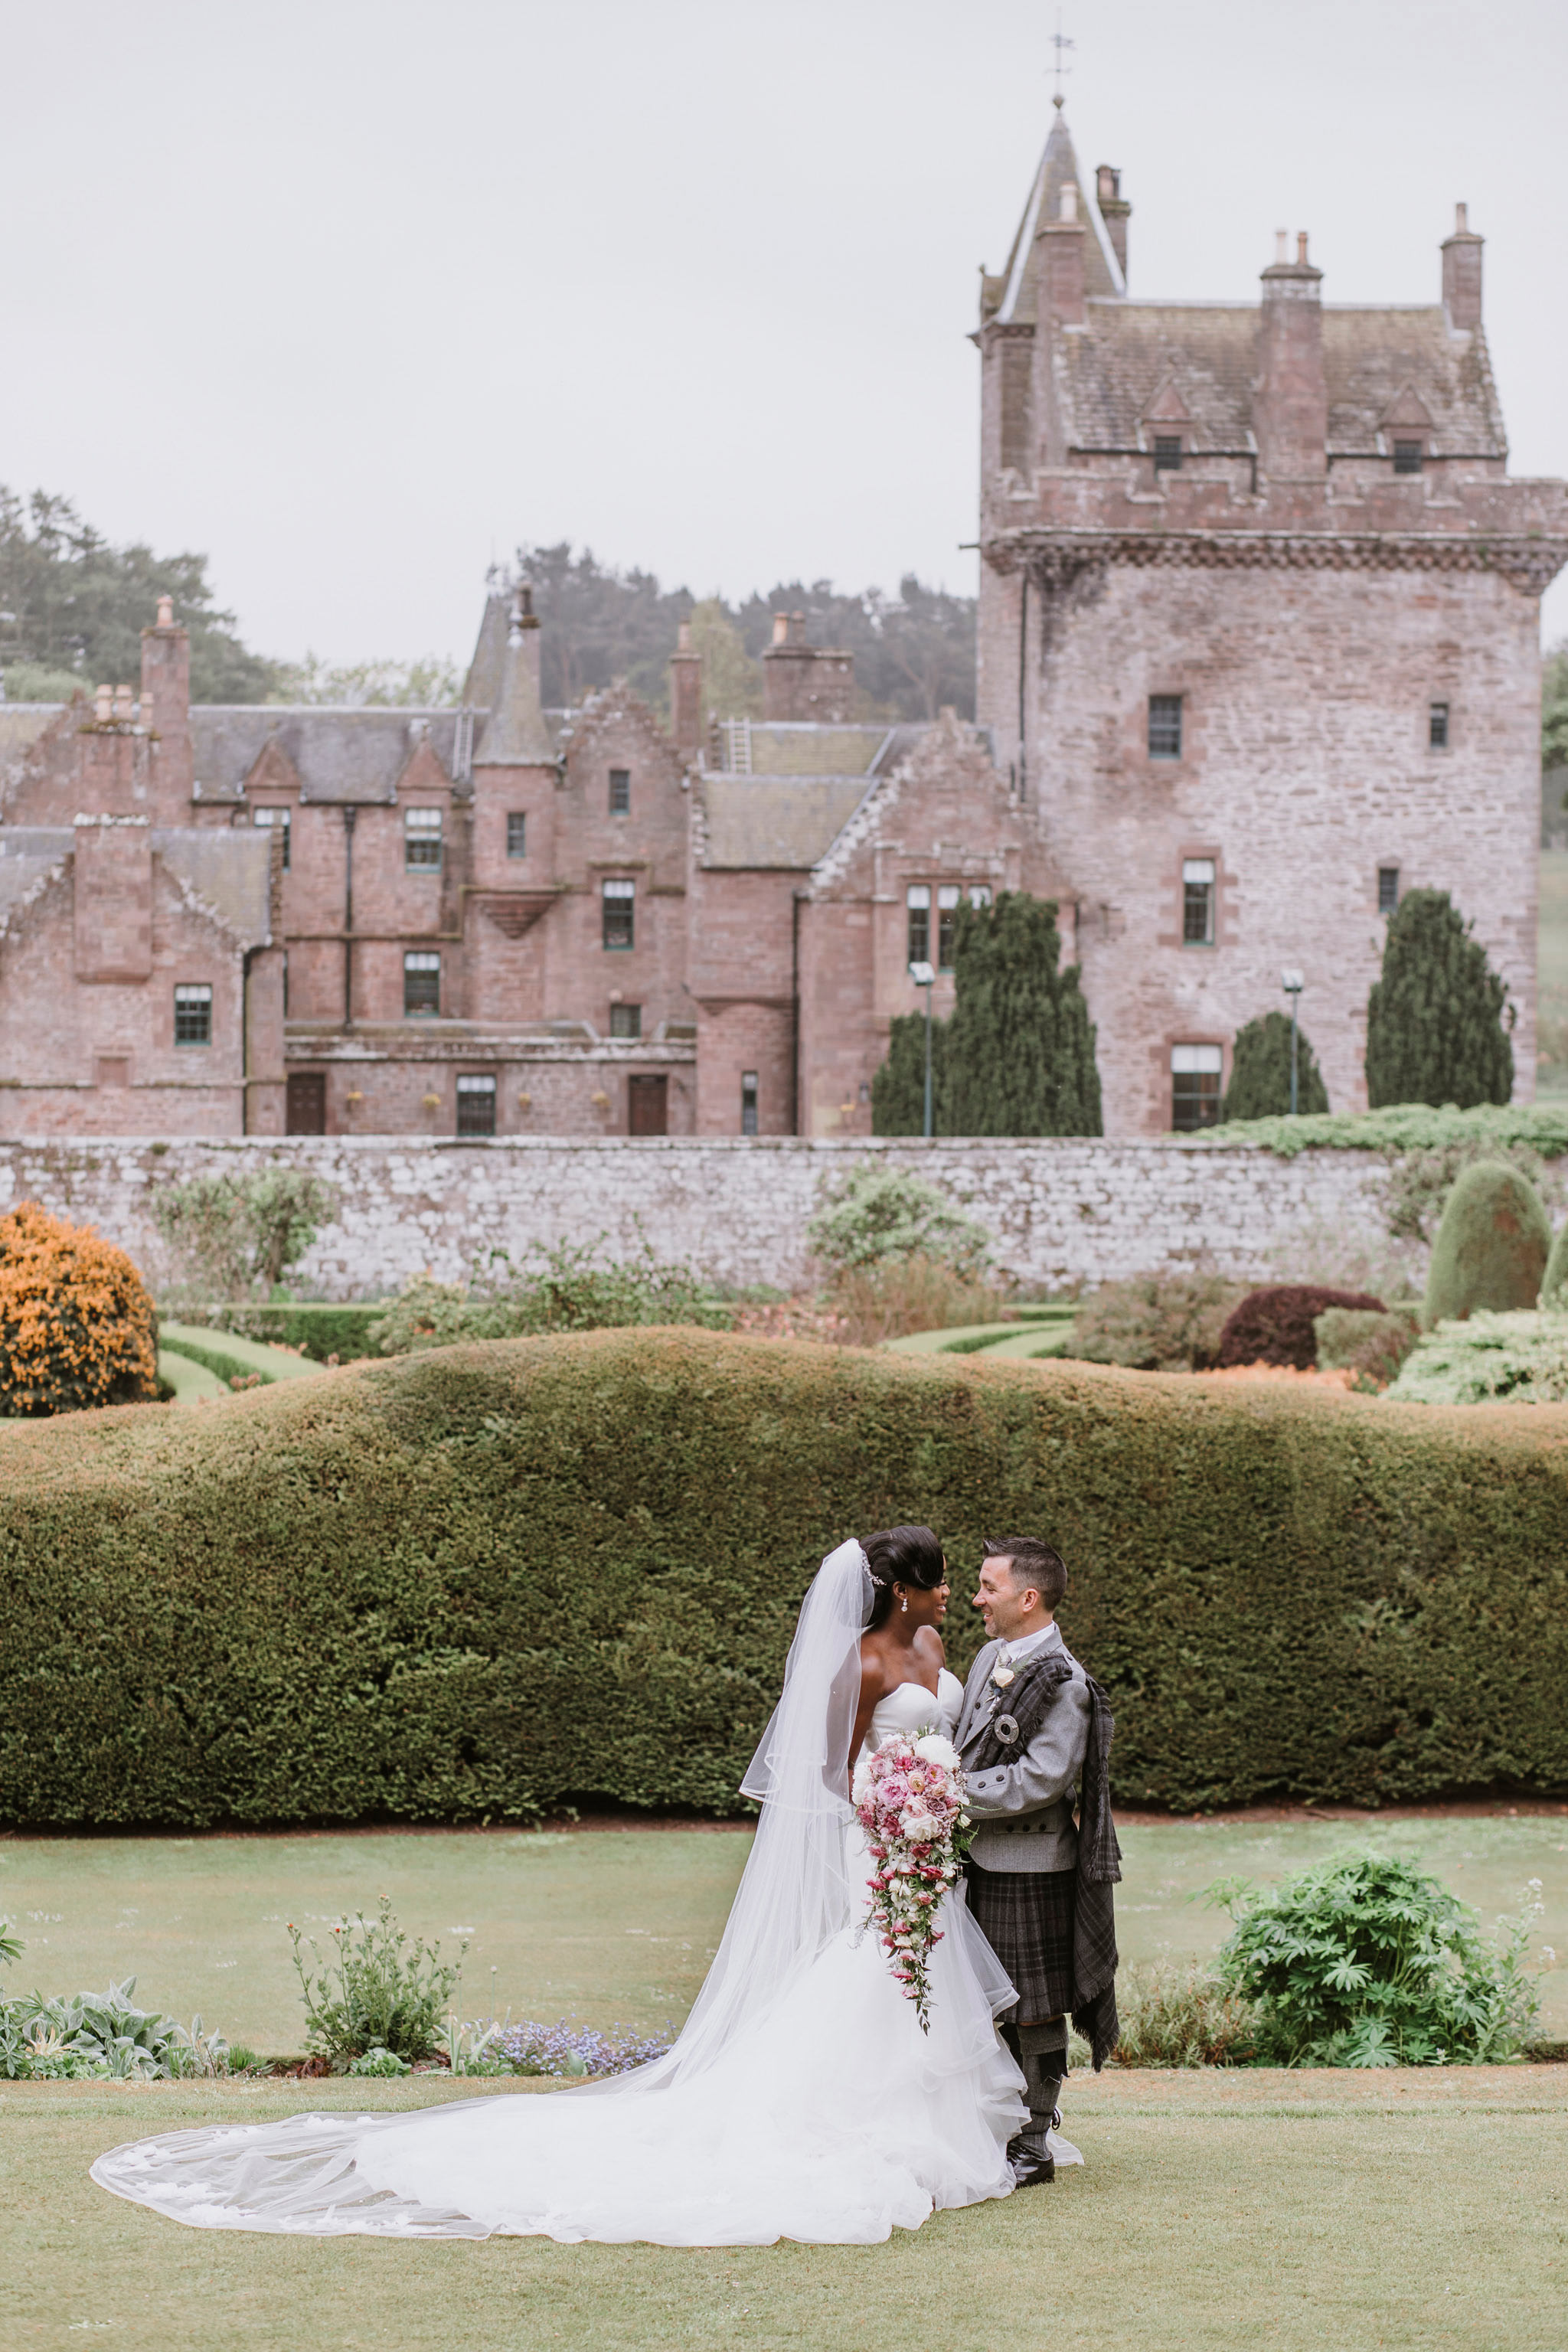 scotland-wedding-elopement-photographer-043.jpg